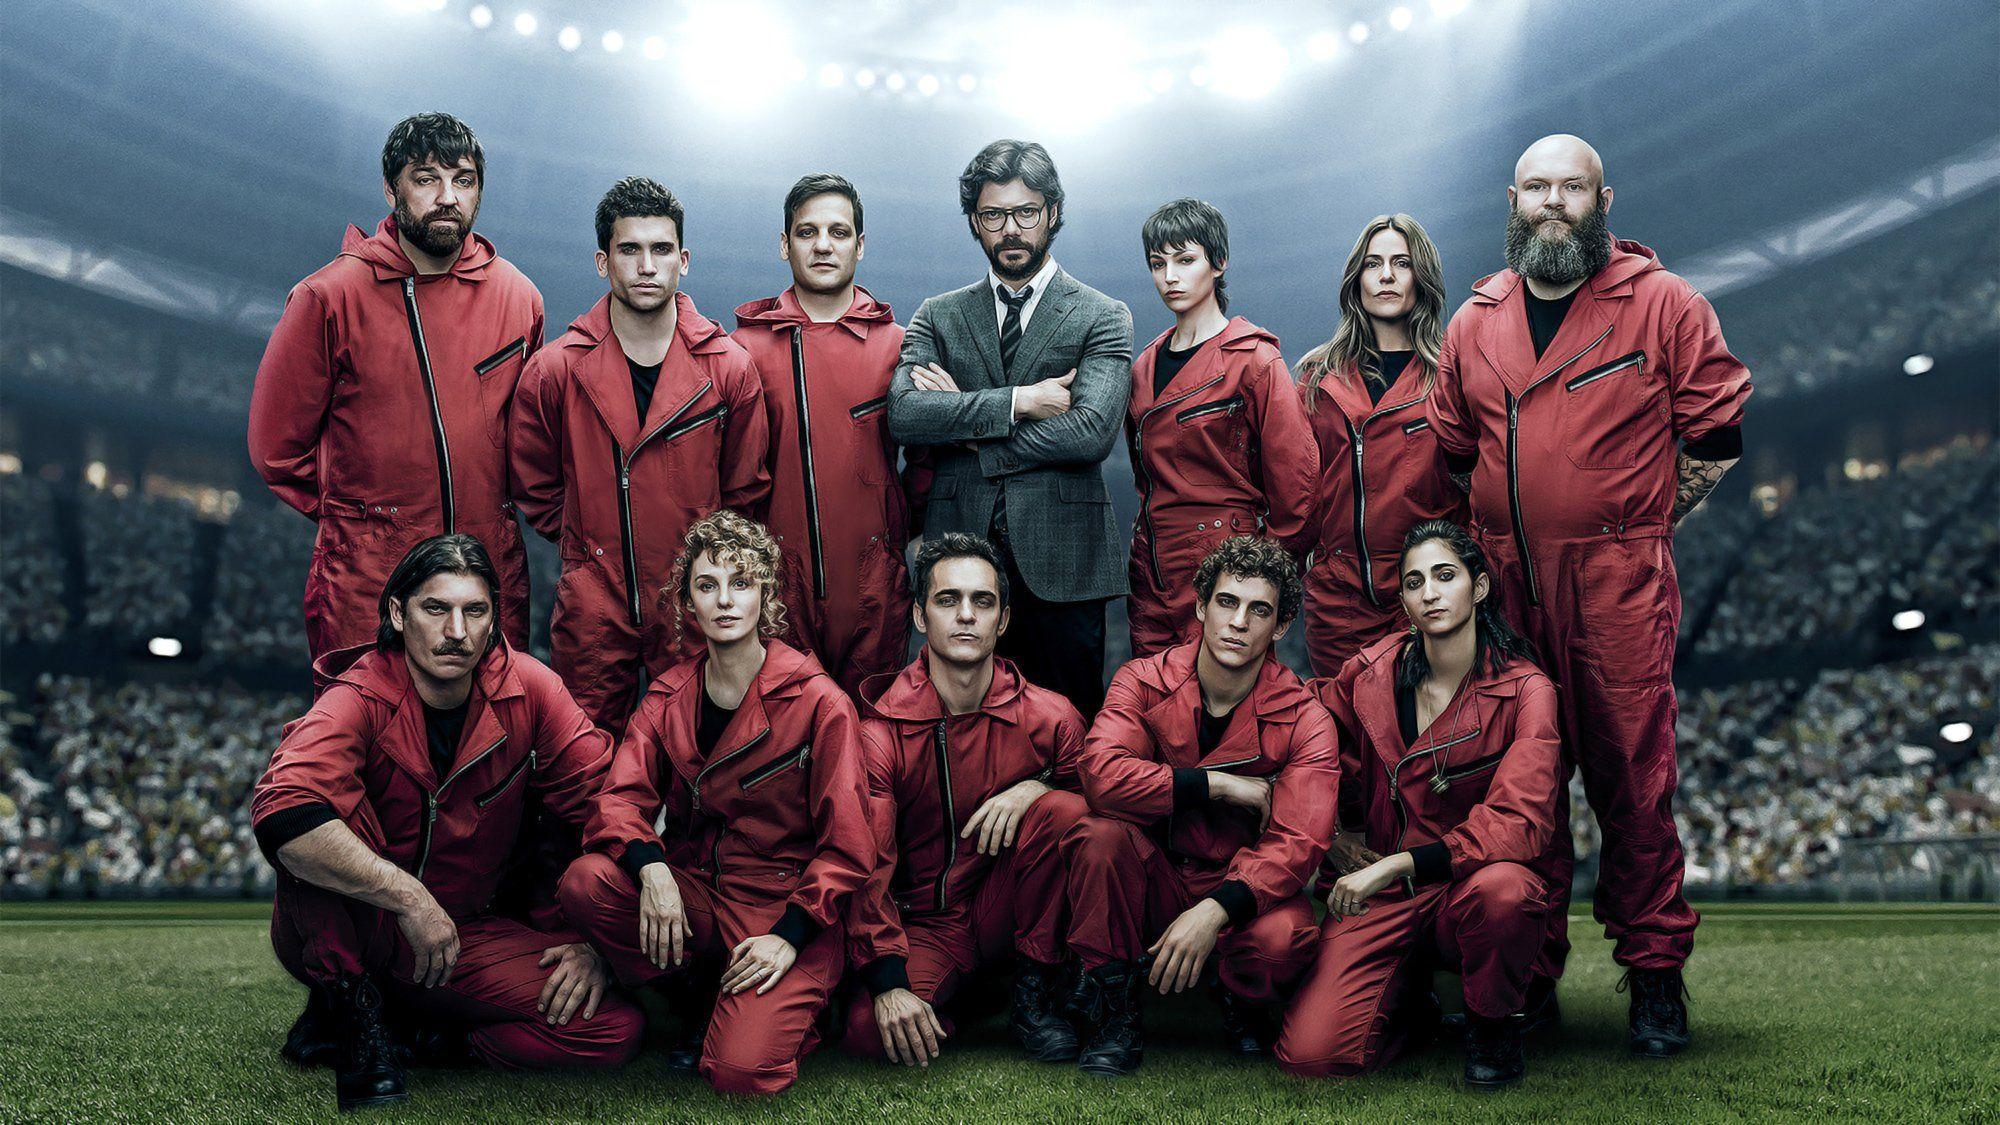 La Casa De Papel Money Heist Five Season 4 Fan Theories To